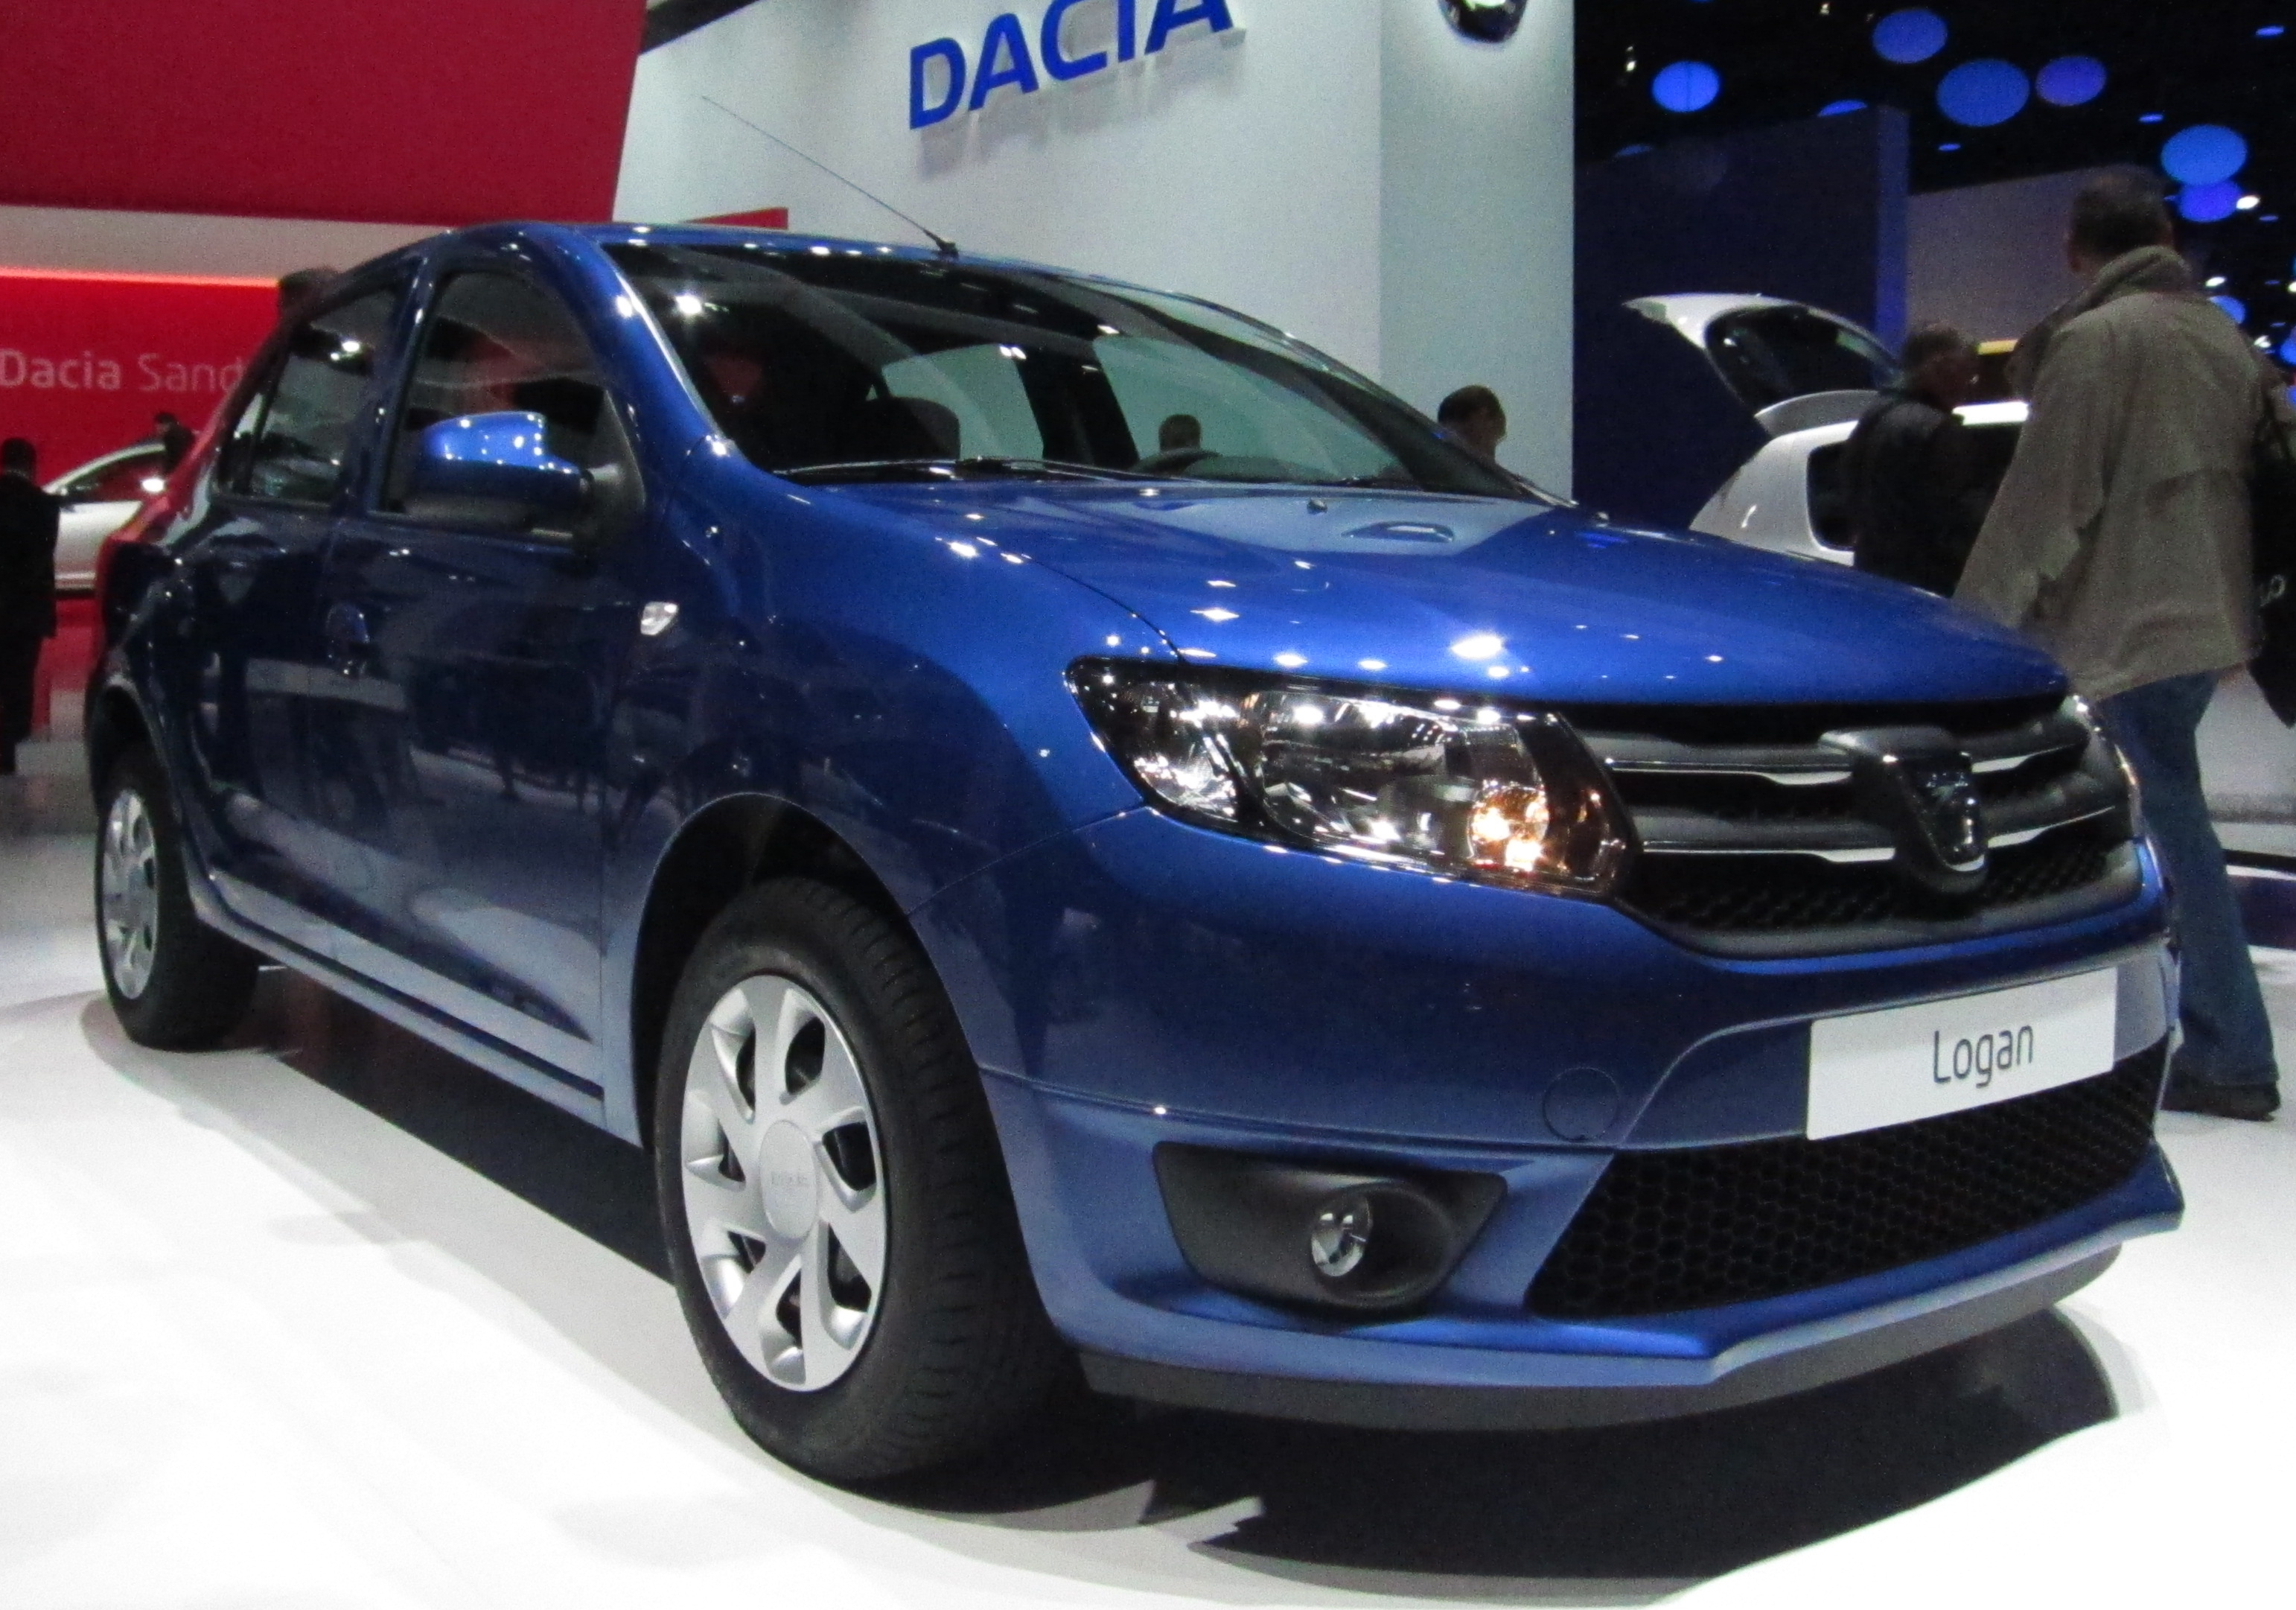 Dacia Logan Wikipedia